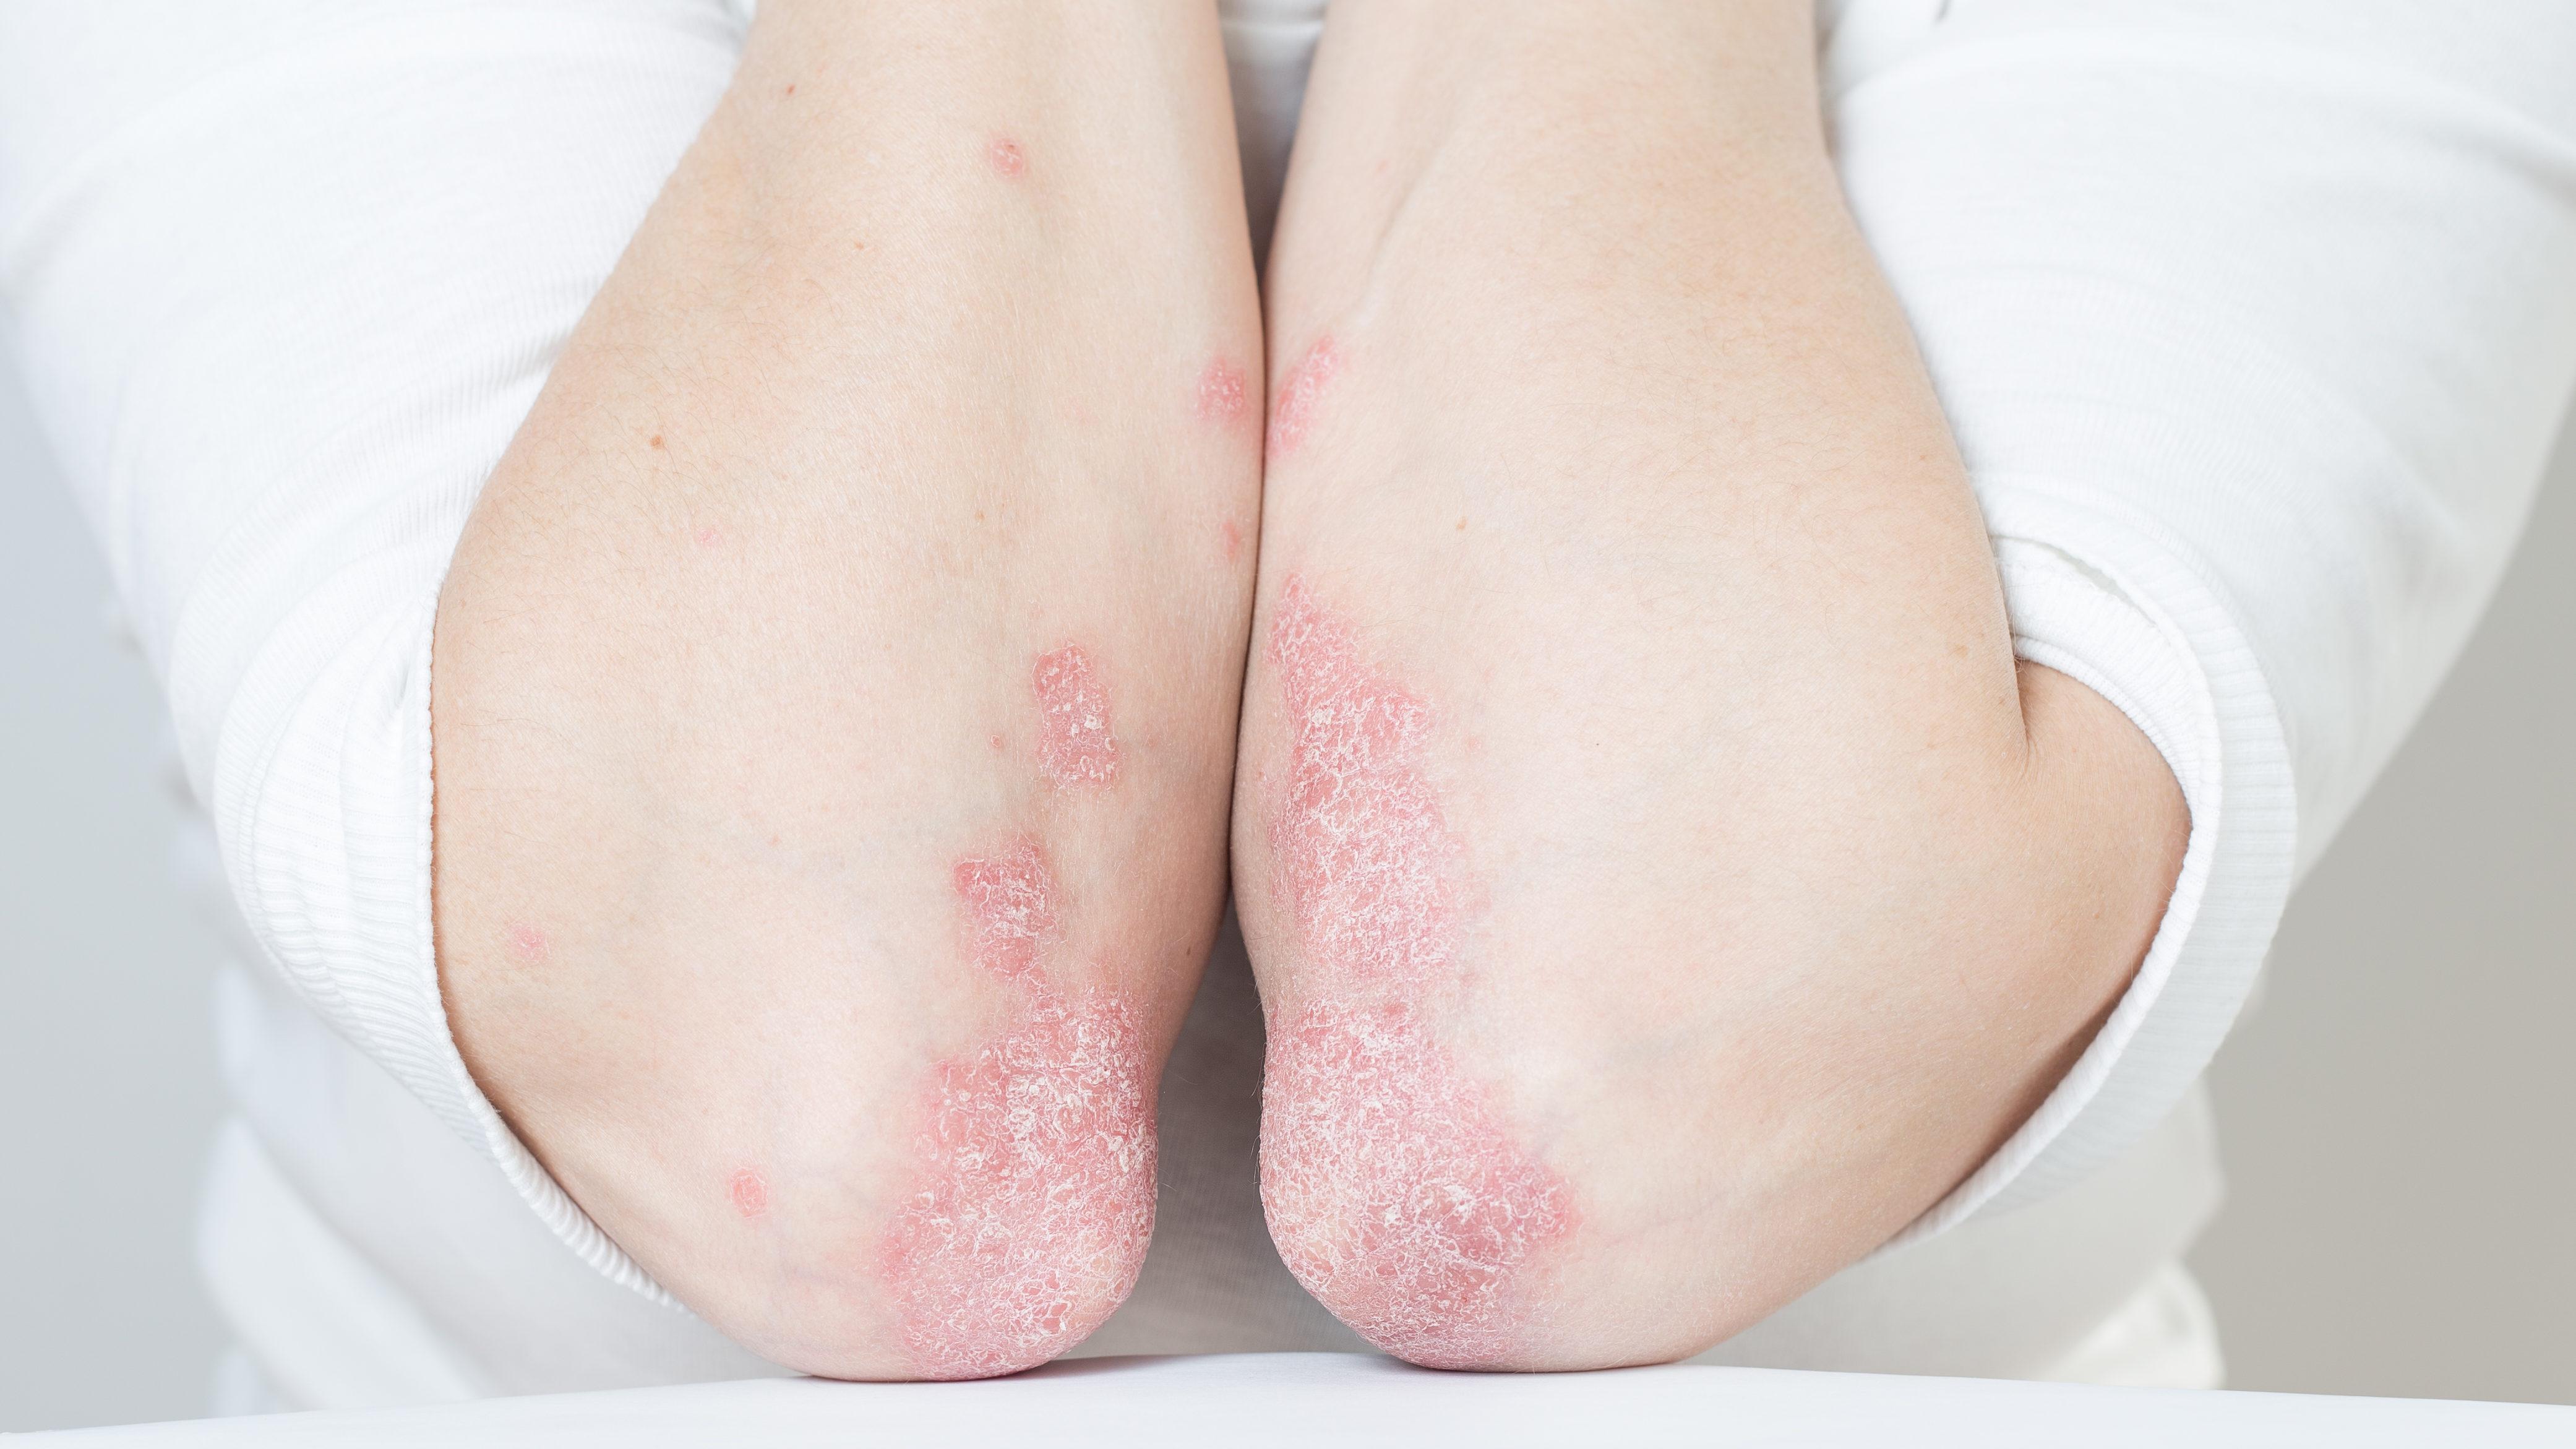 a pikkelysömör kezelésének hagyományos módszerei a pikkelysmr kezelsnek tpusai